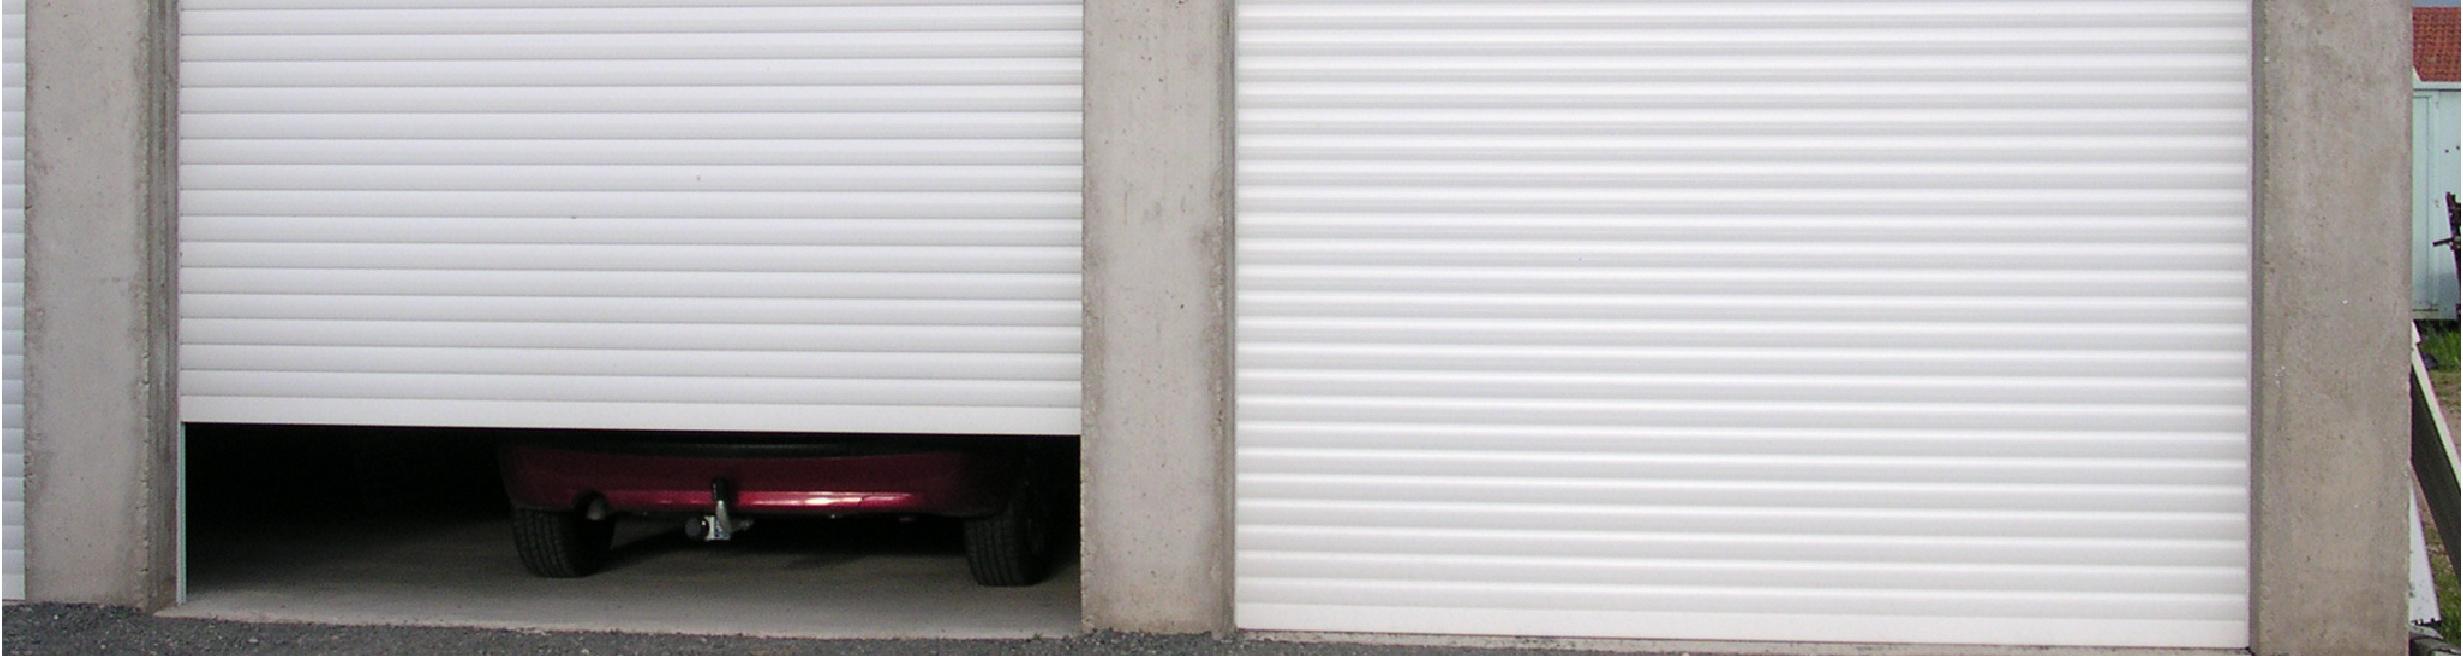 porte de garage sectionnelle ch ne dor la teste de buch. Black Bedroom Furniture Sets. Home Design Ideas